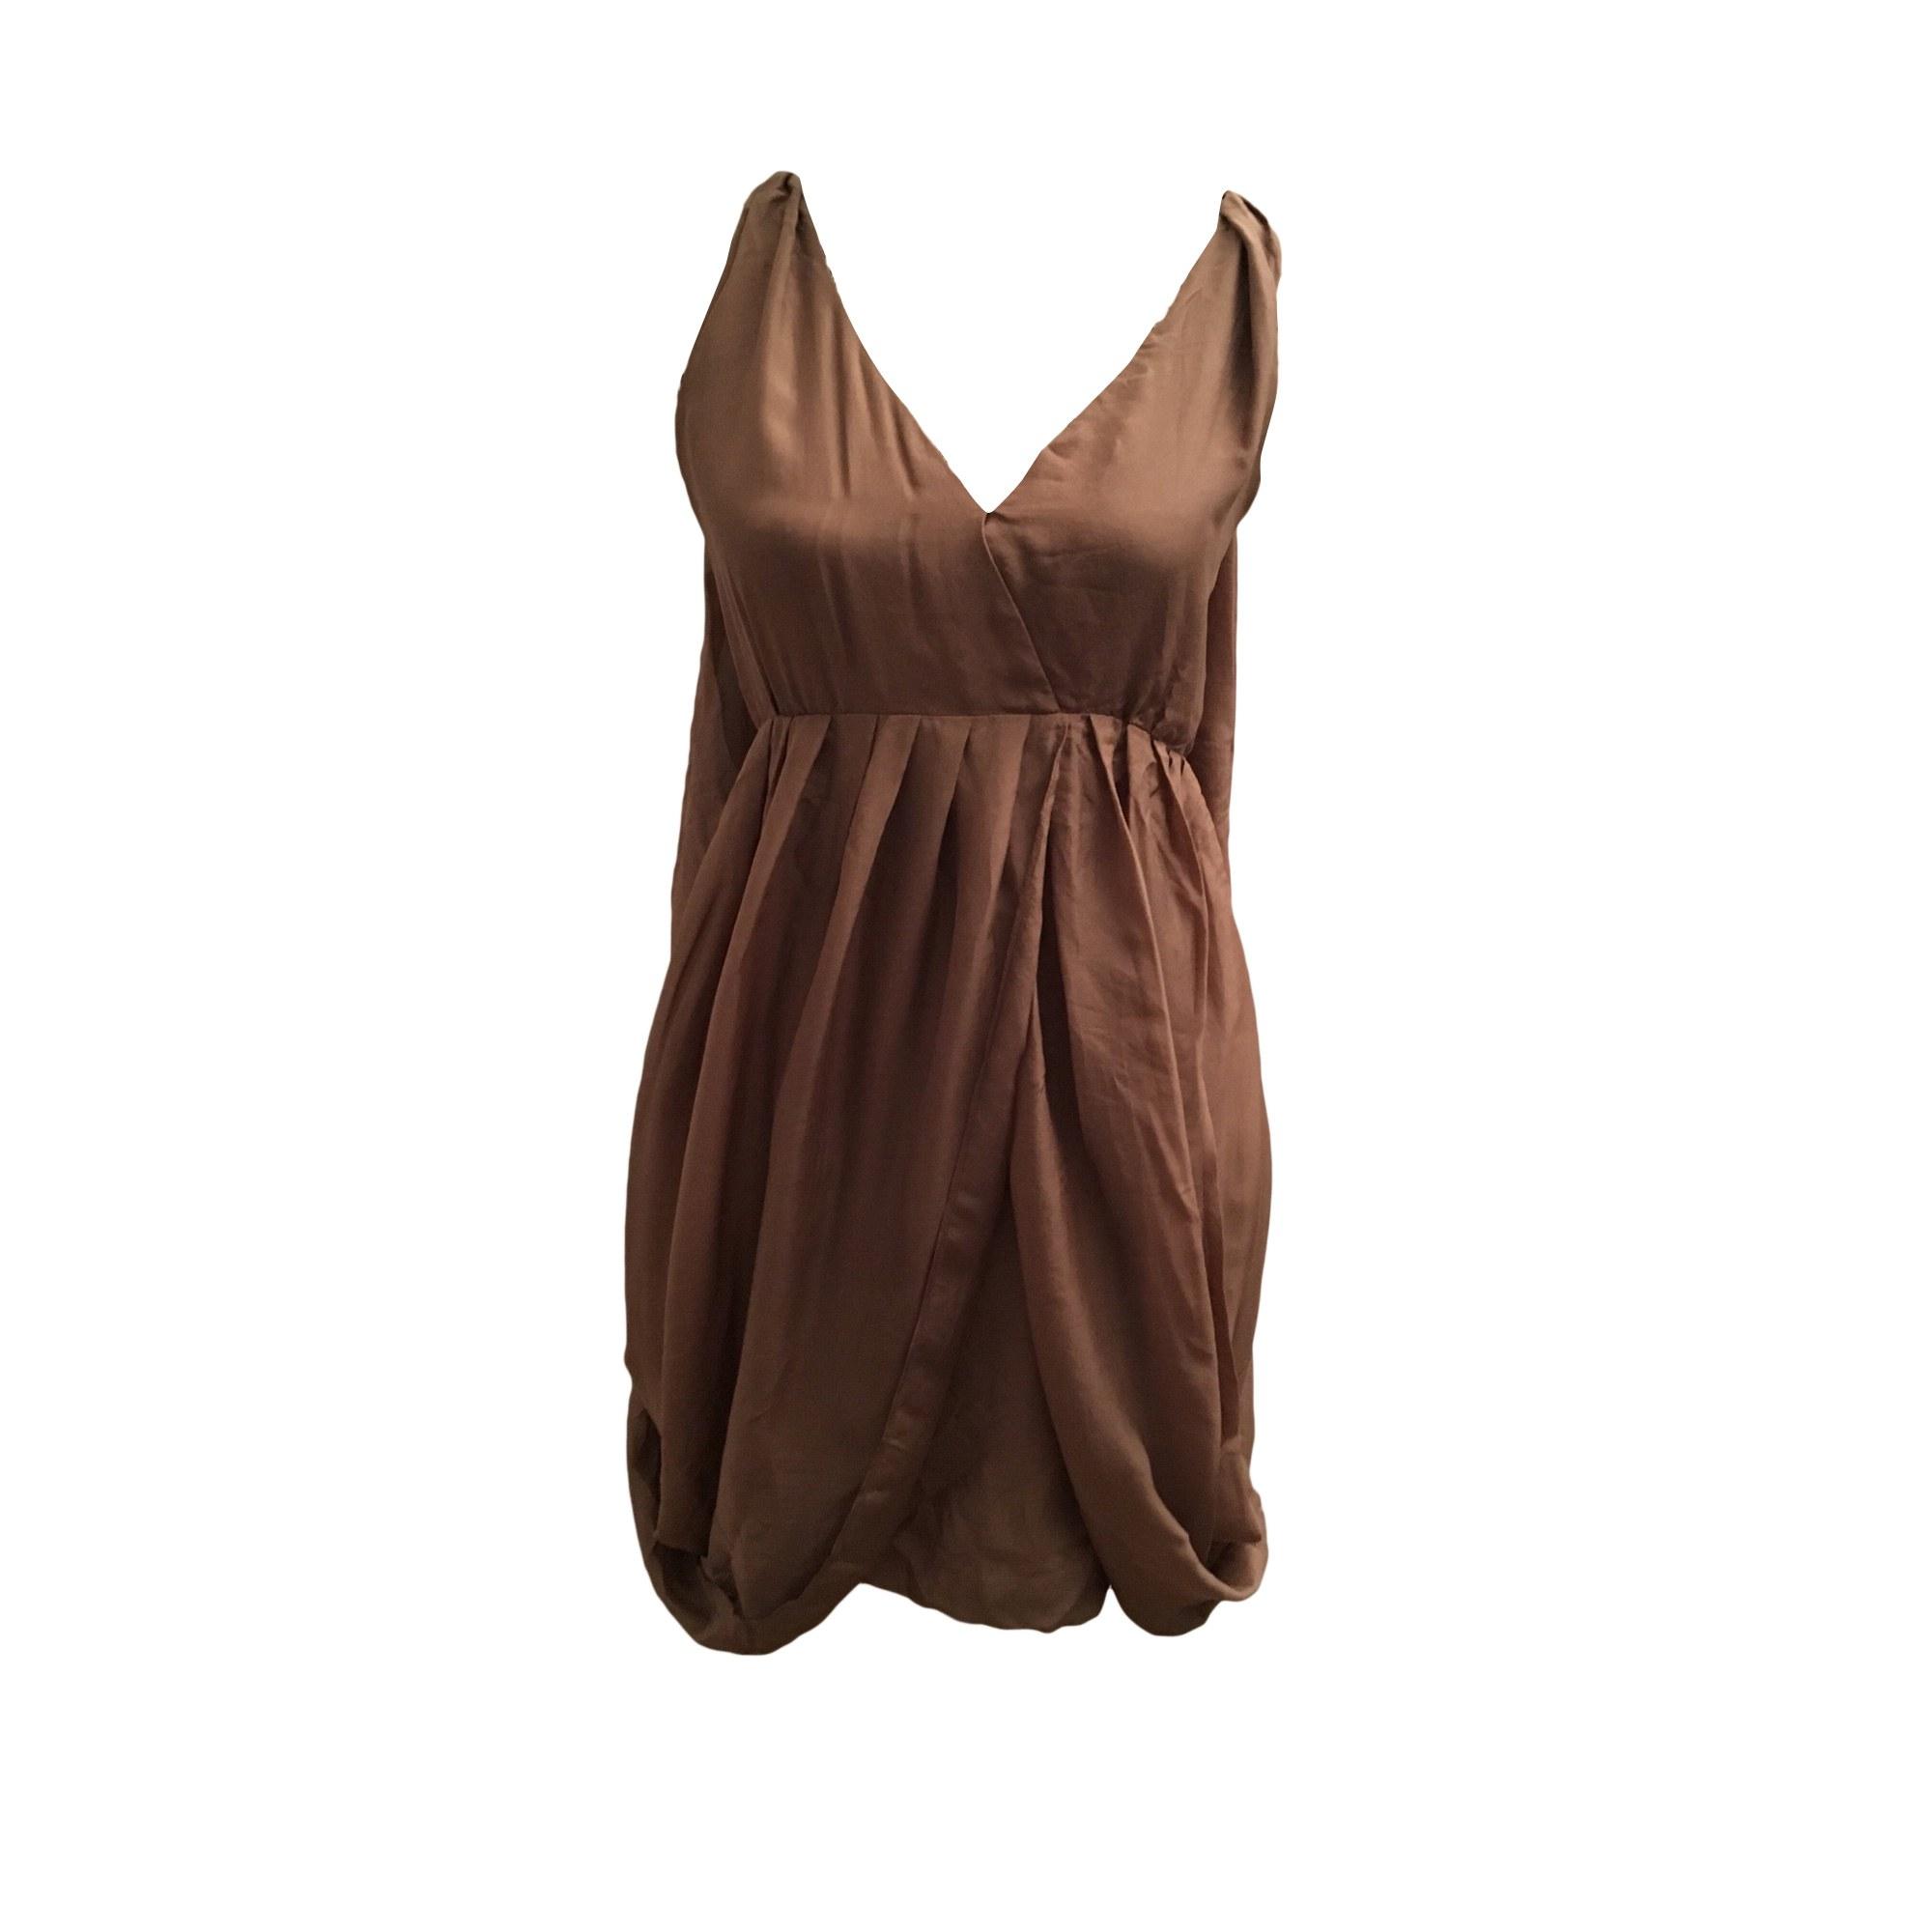 Robe courte COMPTOIR DES COTONNIERS Beige, camel